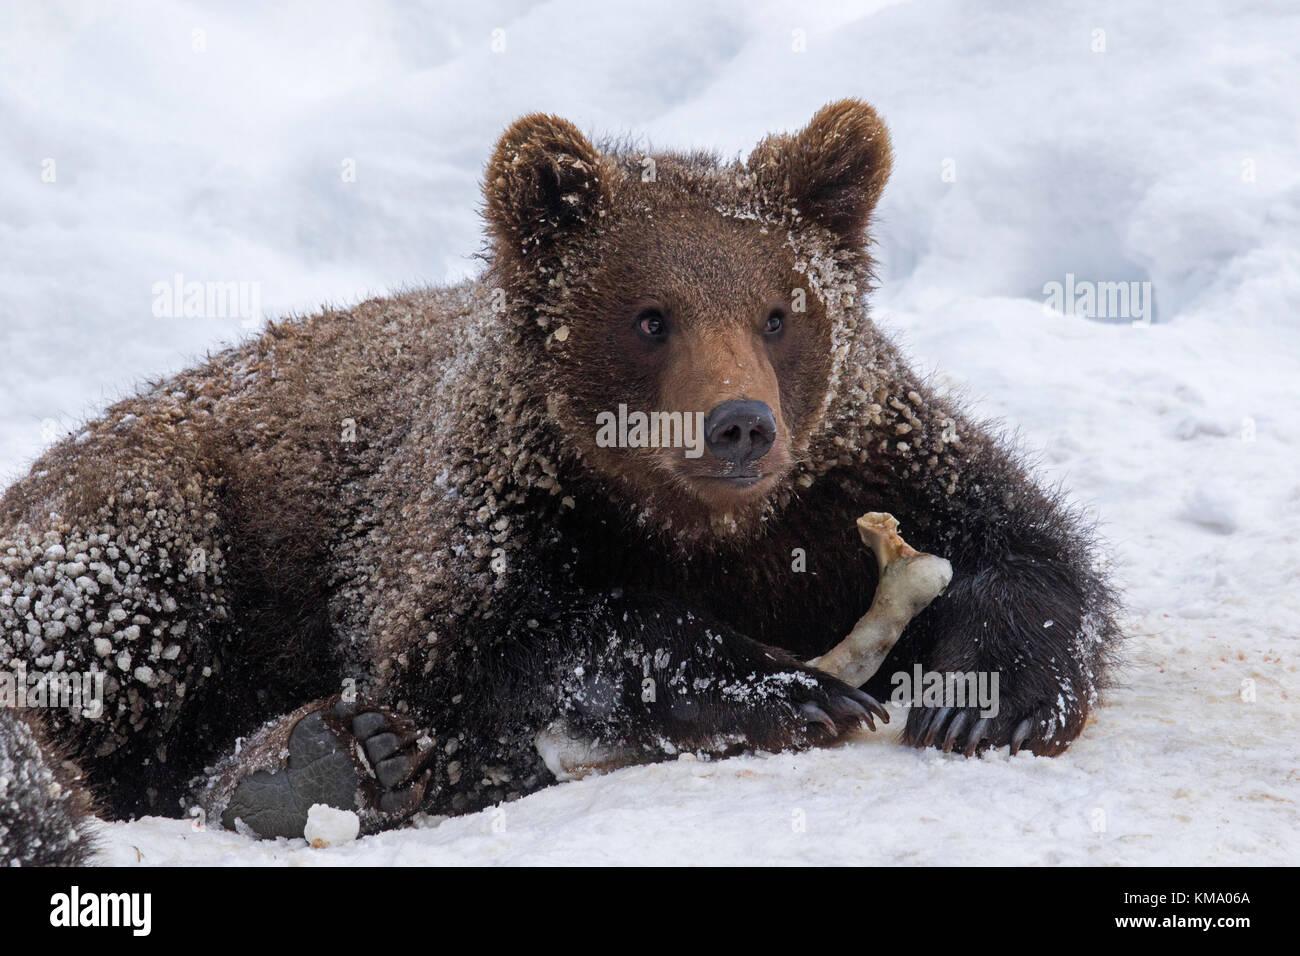 Ein Jahr alten braunen Bärchen (Ursus arctos arctos) spielen mit achsschenkel Knochen im Schnee im Winter Stockbild